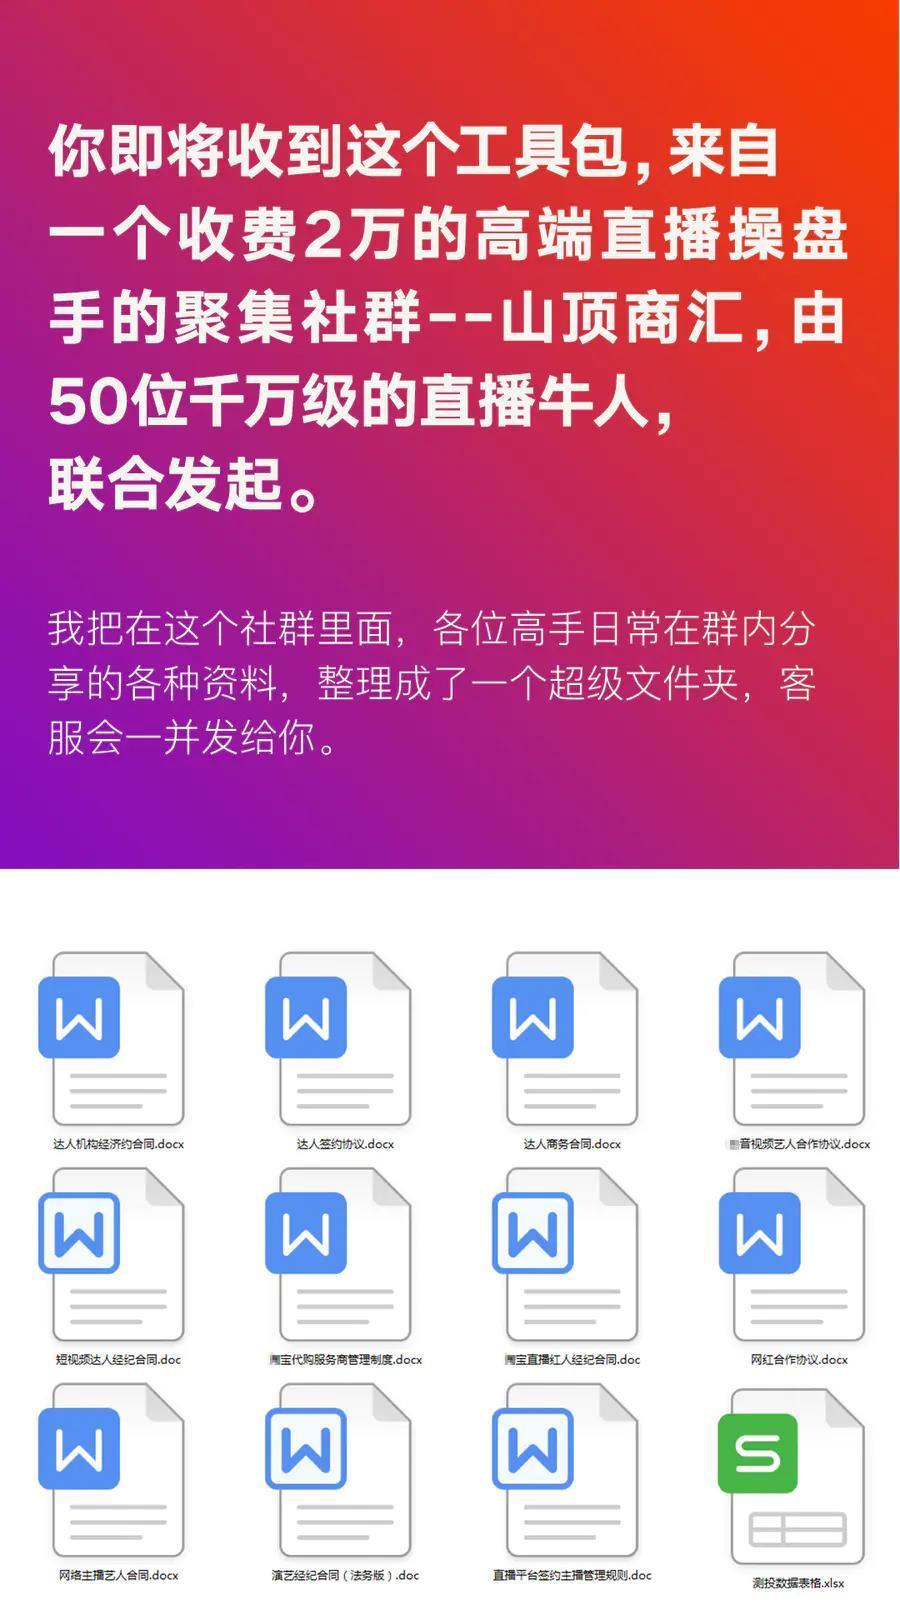 直播工具包:56 份内部资料+直播操盘手运营笔记 2.0【文字版+资料】